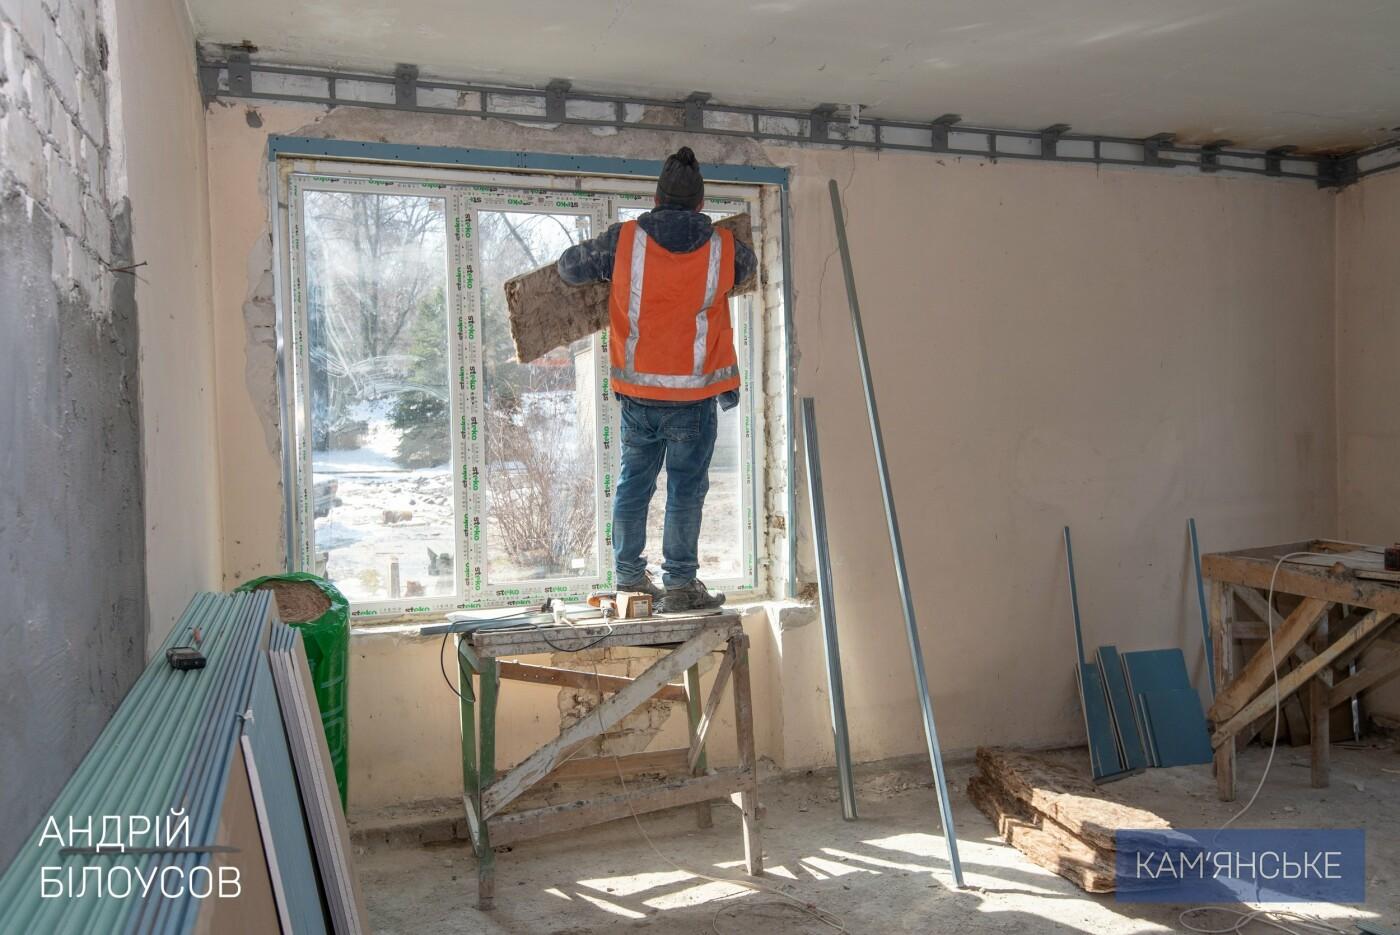 В Каменском продолжается реконструкция коллегиума №16 и гимназии №11, фото-2